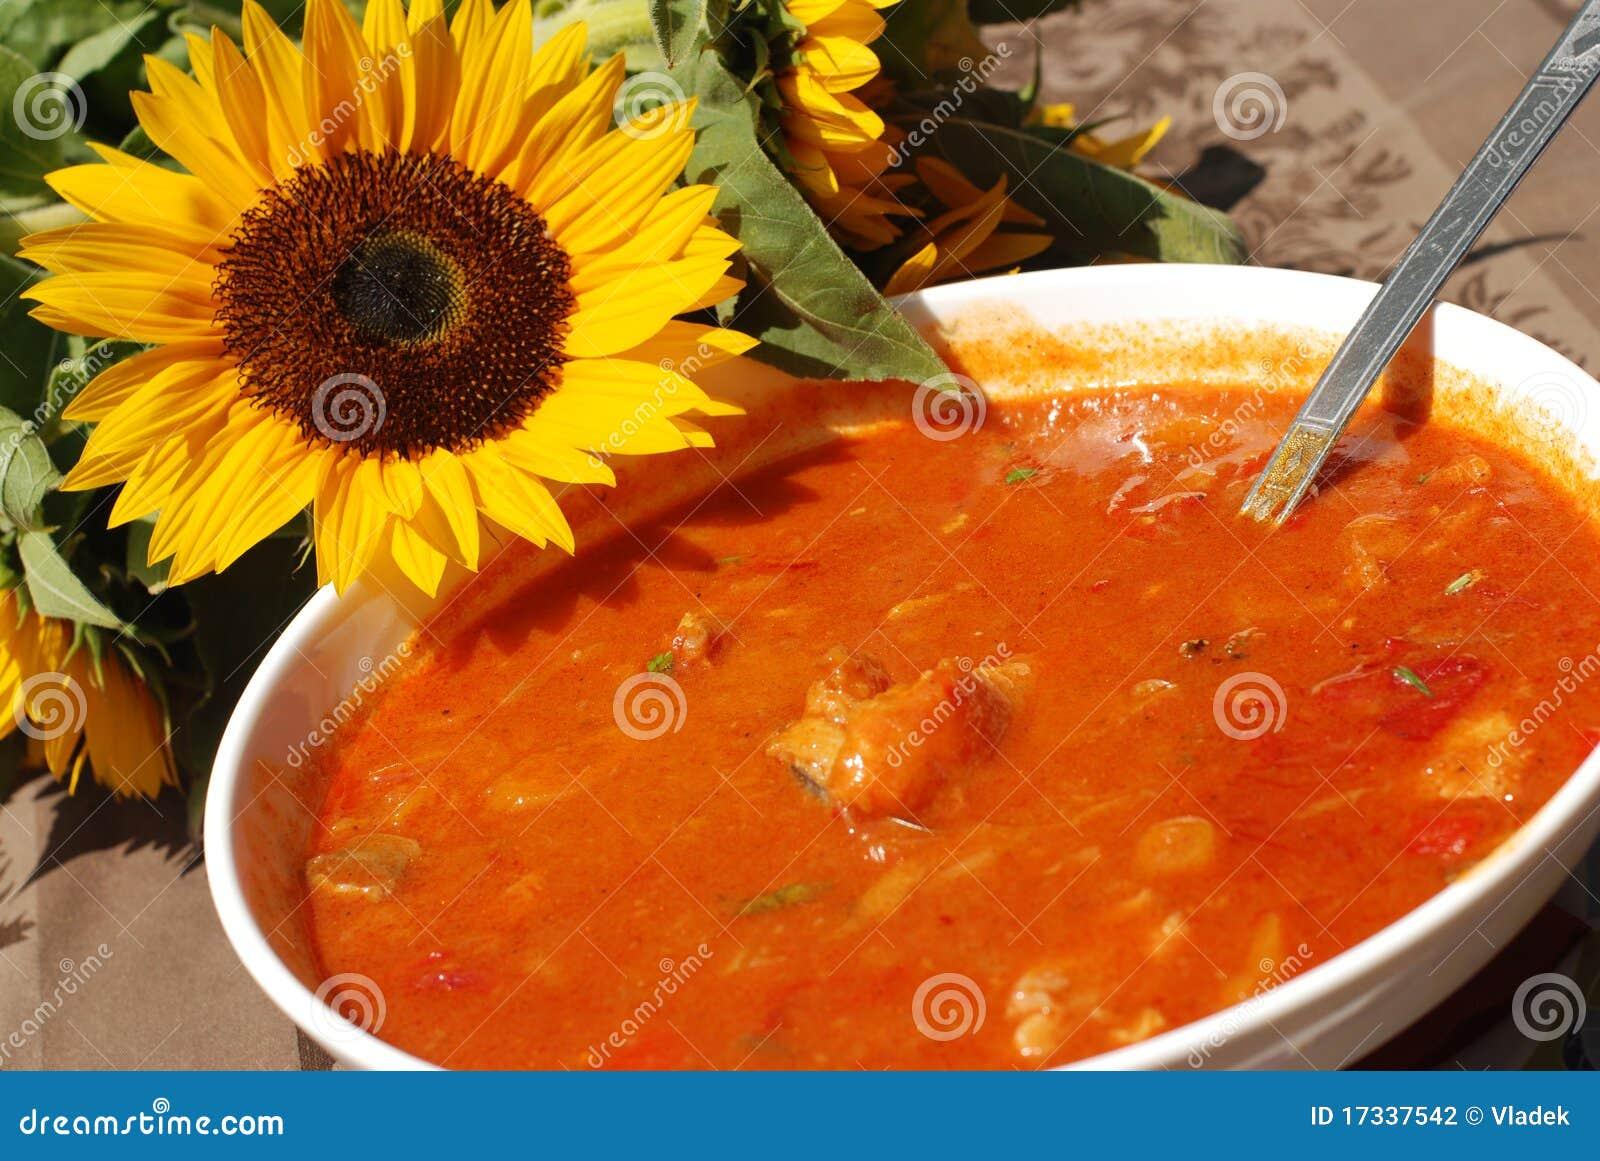 Le paprika chaud a basé le ragoût de poissons